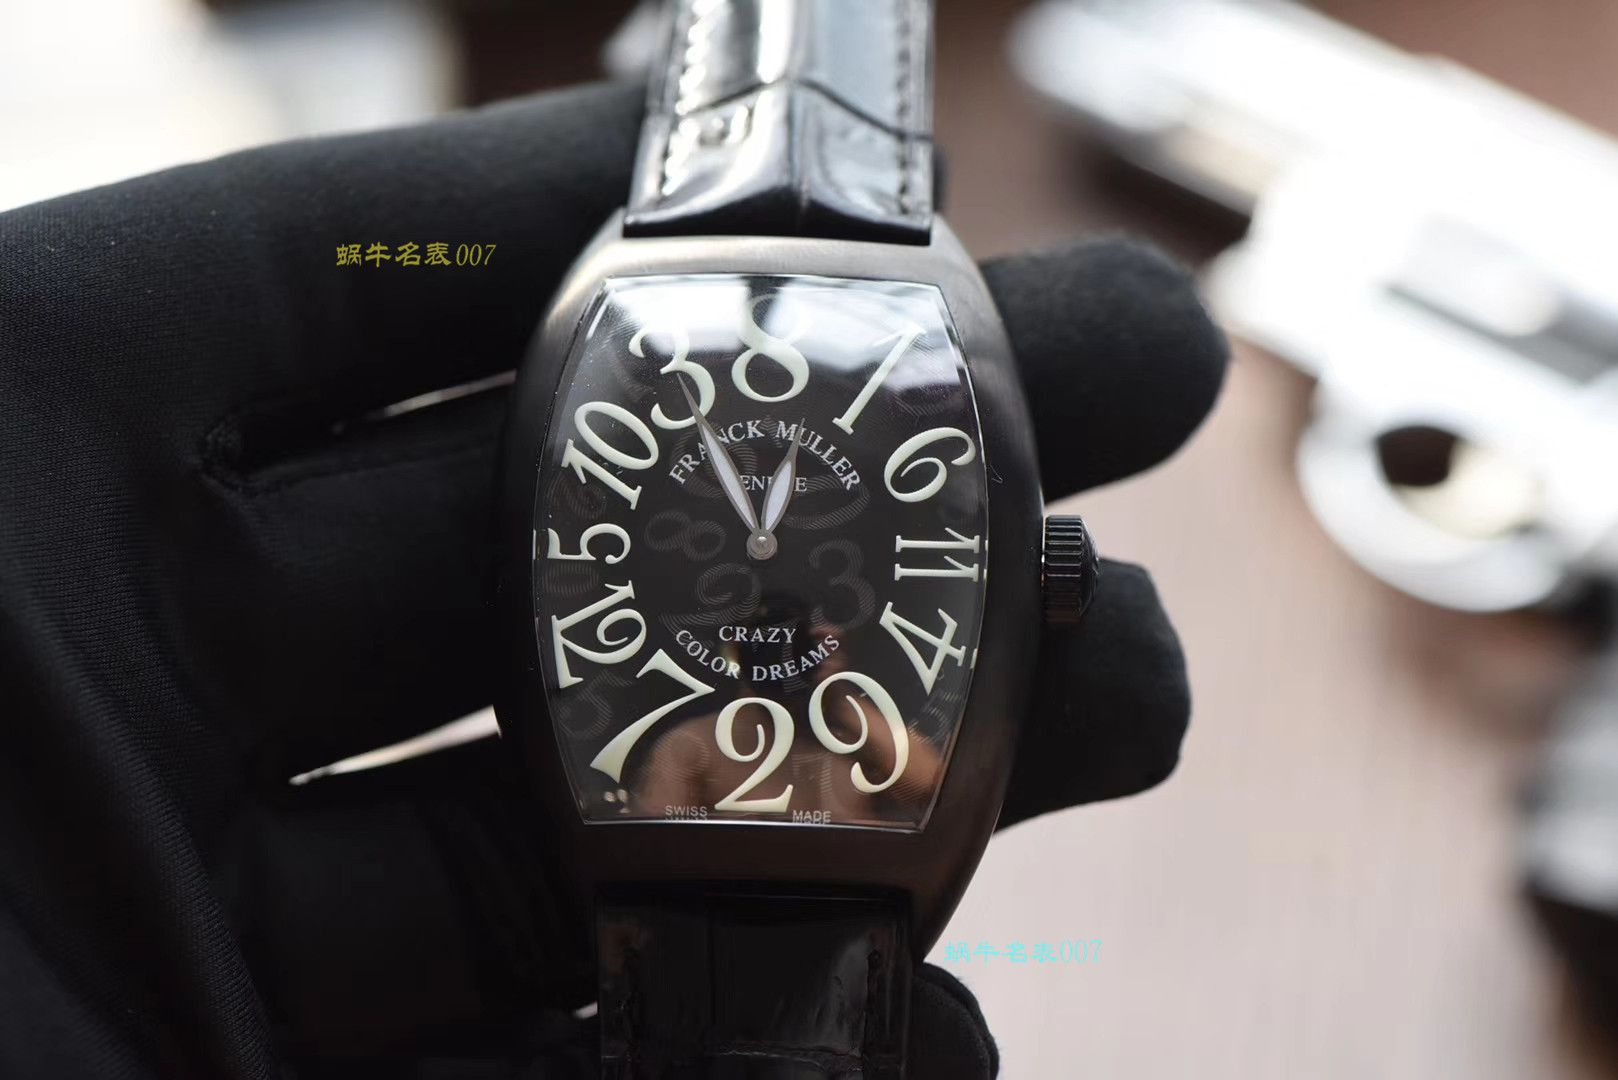 【台湾厂一比一复刻Franck Muller手表】法穆兰CRAZY HOURS 系列8880 CH NR COL DRM腕表